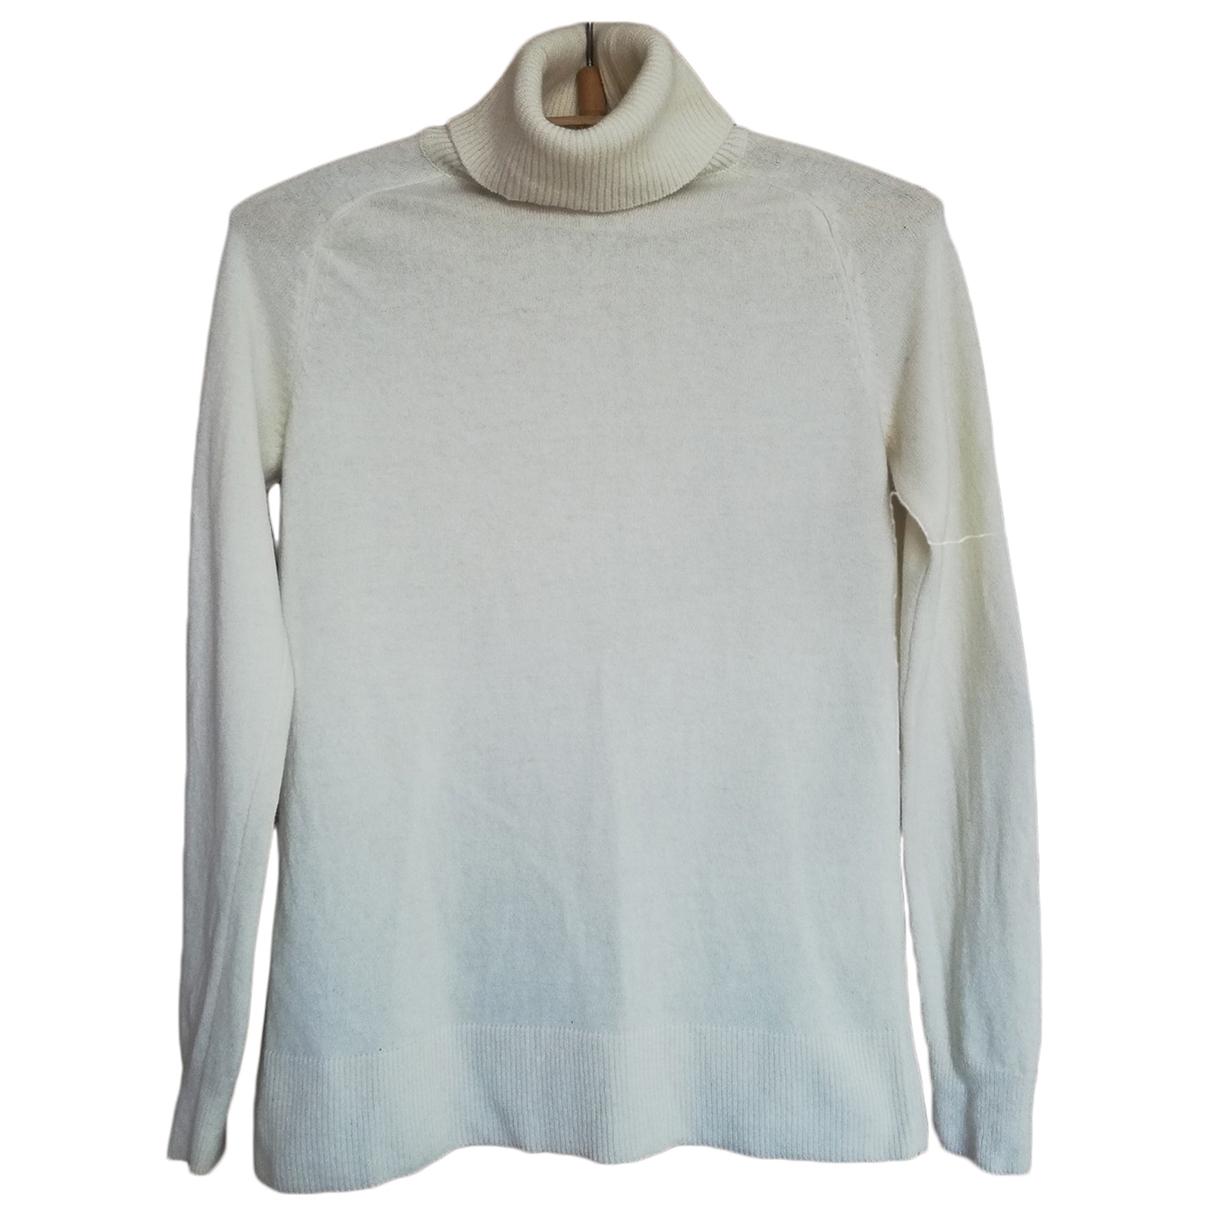 Massimo Dutti \N Beige Wool Knitwear for Women 34 FR